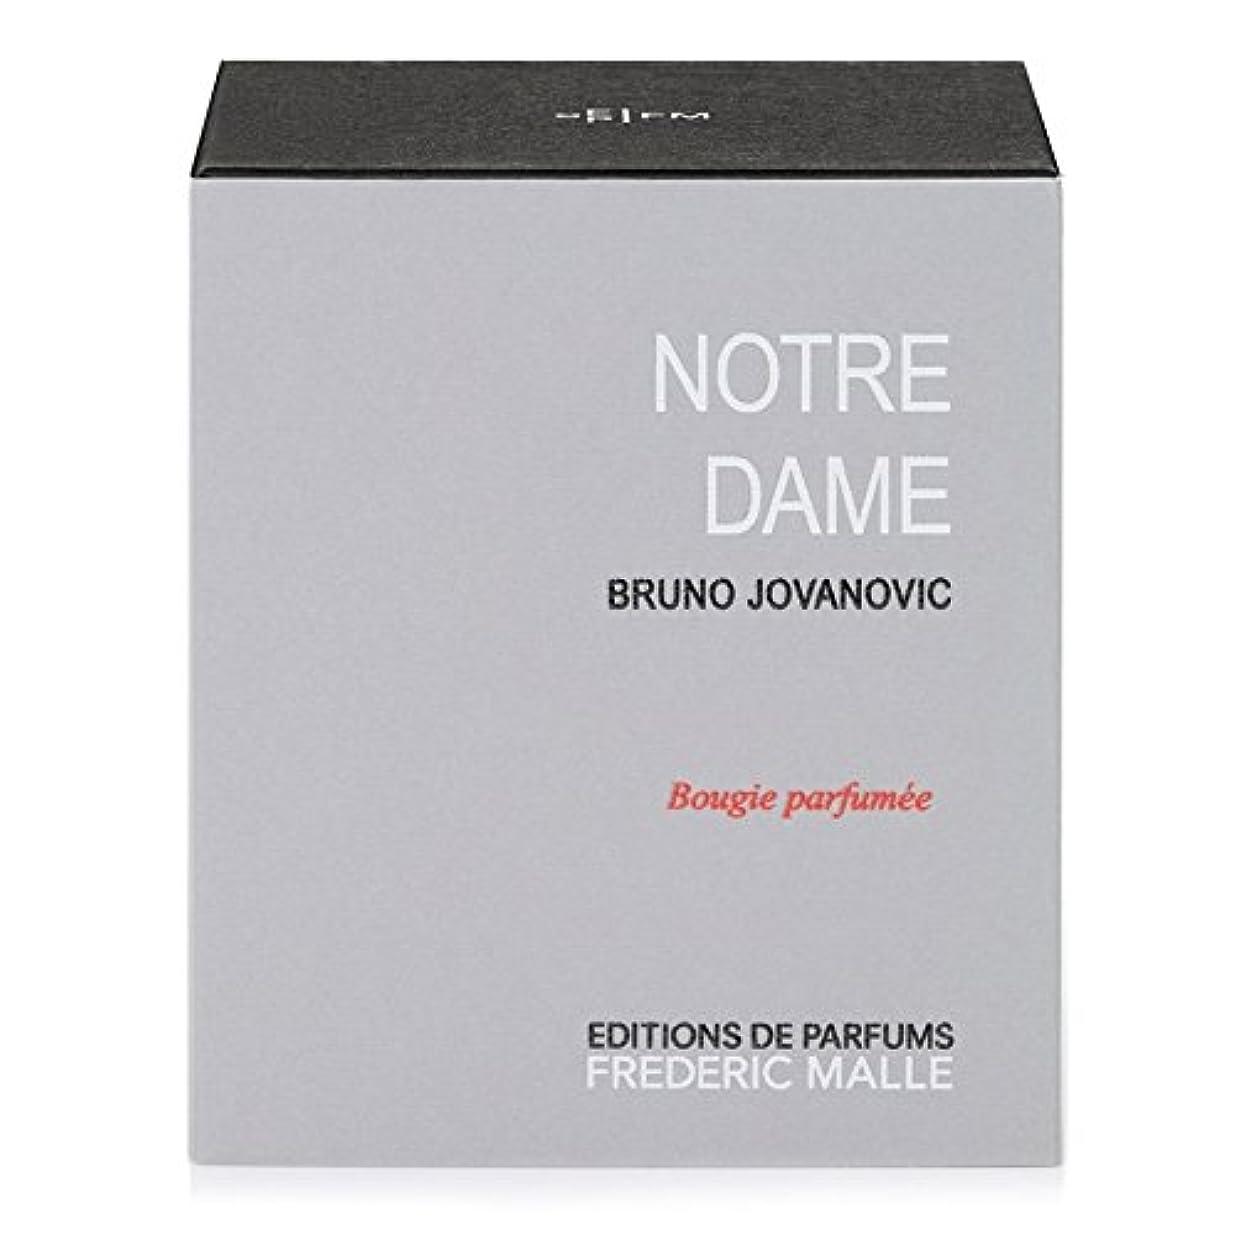 遺棄された成果異常Frederic Malle Notre Dame Scented Candle 220g (Pack of 2) - フレデリック?マルノートルダム香りのキャンドル220グラム x2 [並行輸入品]